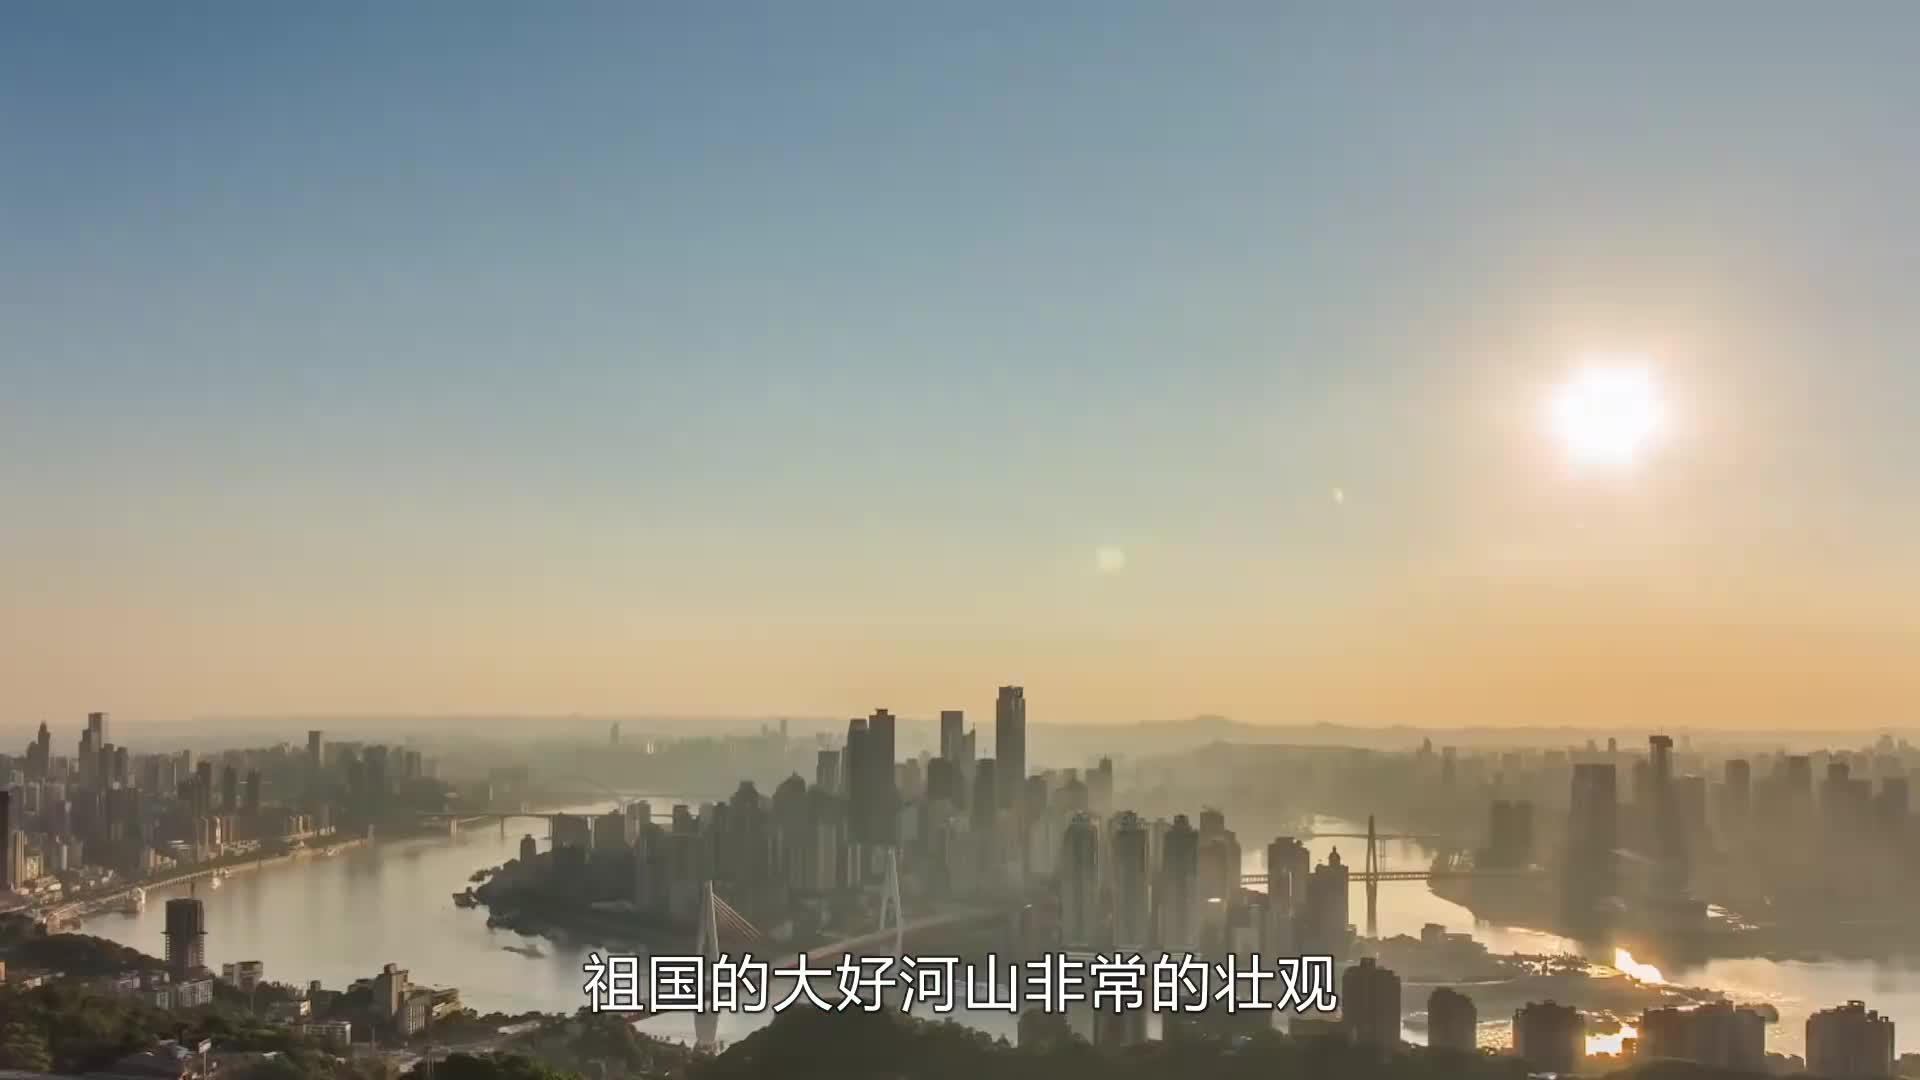 """重庆这个特色古镇,拥有""""爱情天梯"""",门票免费但游客稀少"""